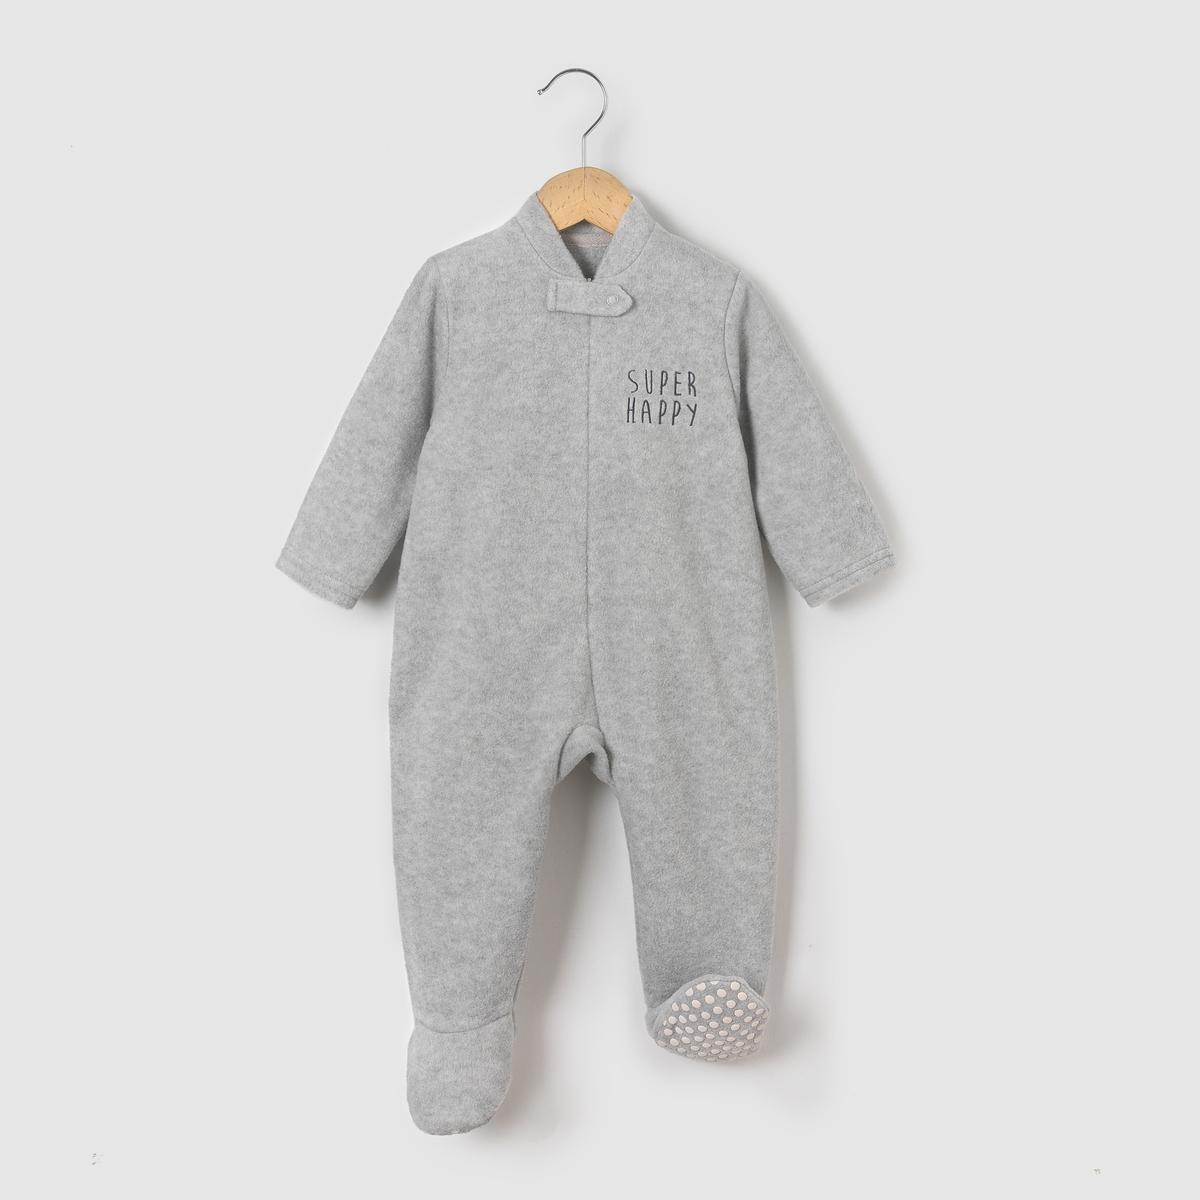 Пижама-комбинезон флисовая 0 -3 лет пижамы и ночные сорочки bambinizon пижама комбинезон на кнопках сафари